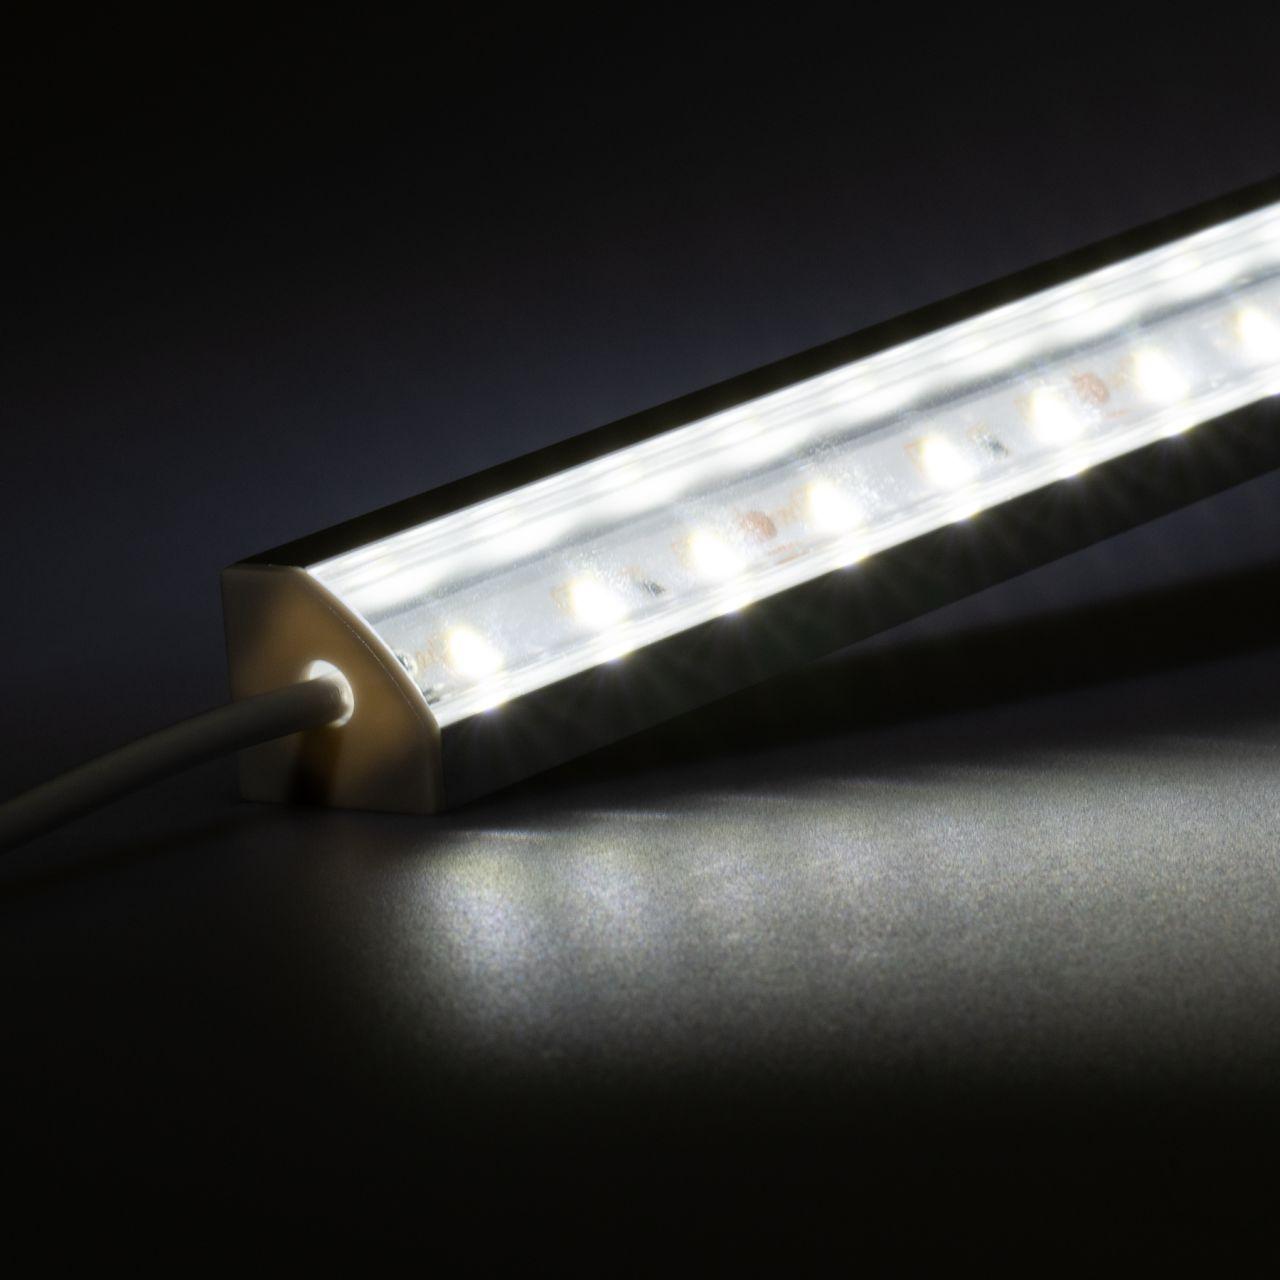 12V Aluminium LED Eckleiste – High Power - weiß – transparente Abdeckung